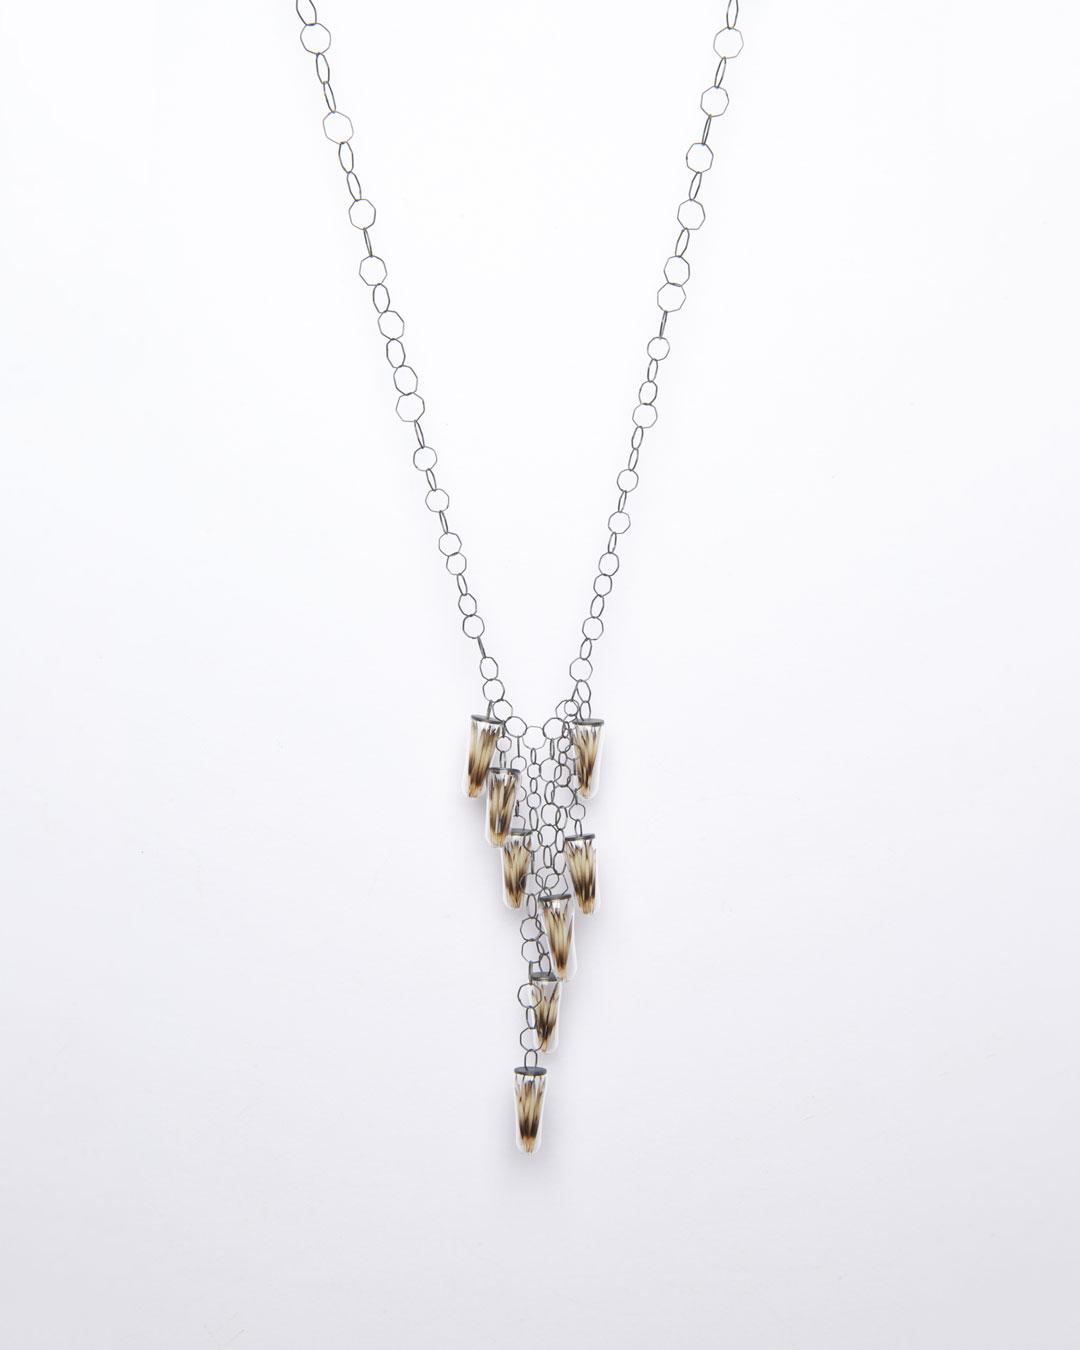 Annamaria Leiste, Der Zeichner, 2015, necklace; glass, silver, hedgehog spines, 260 x 125 x 10 mm, €1550